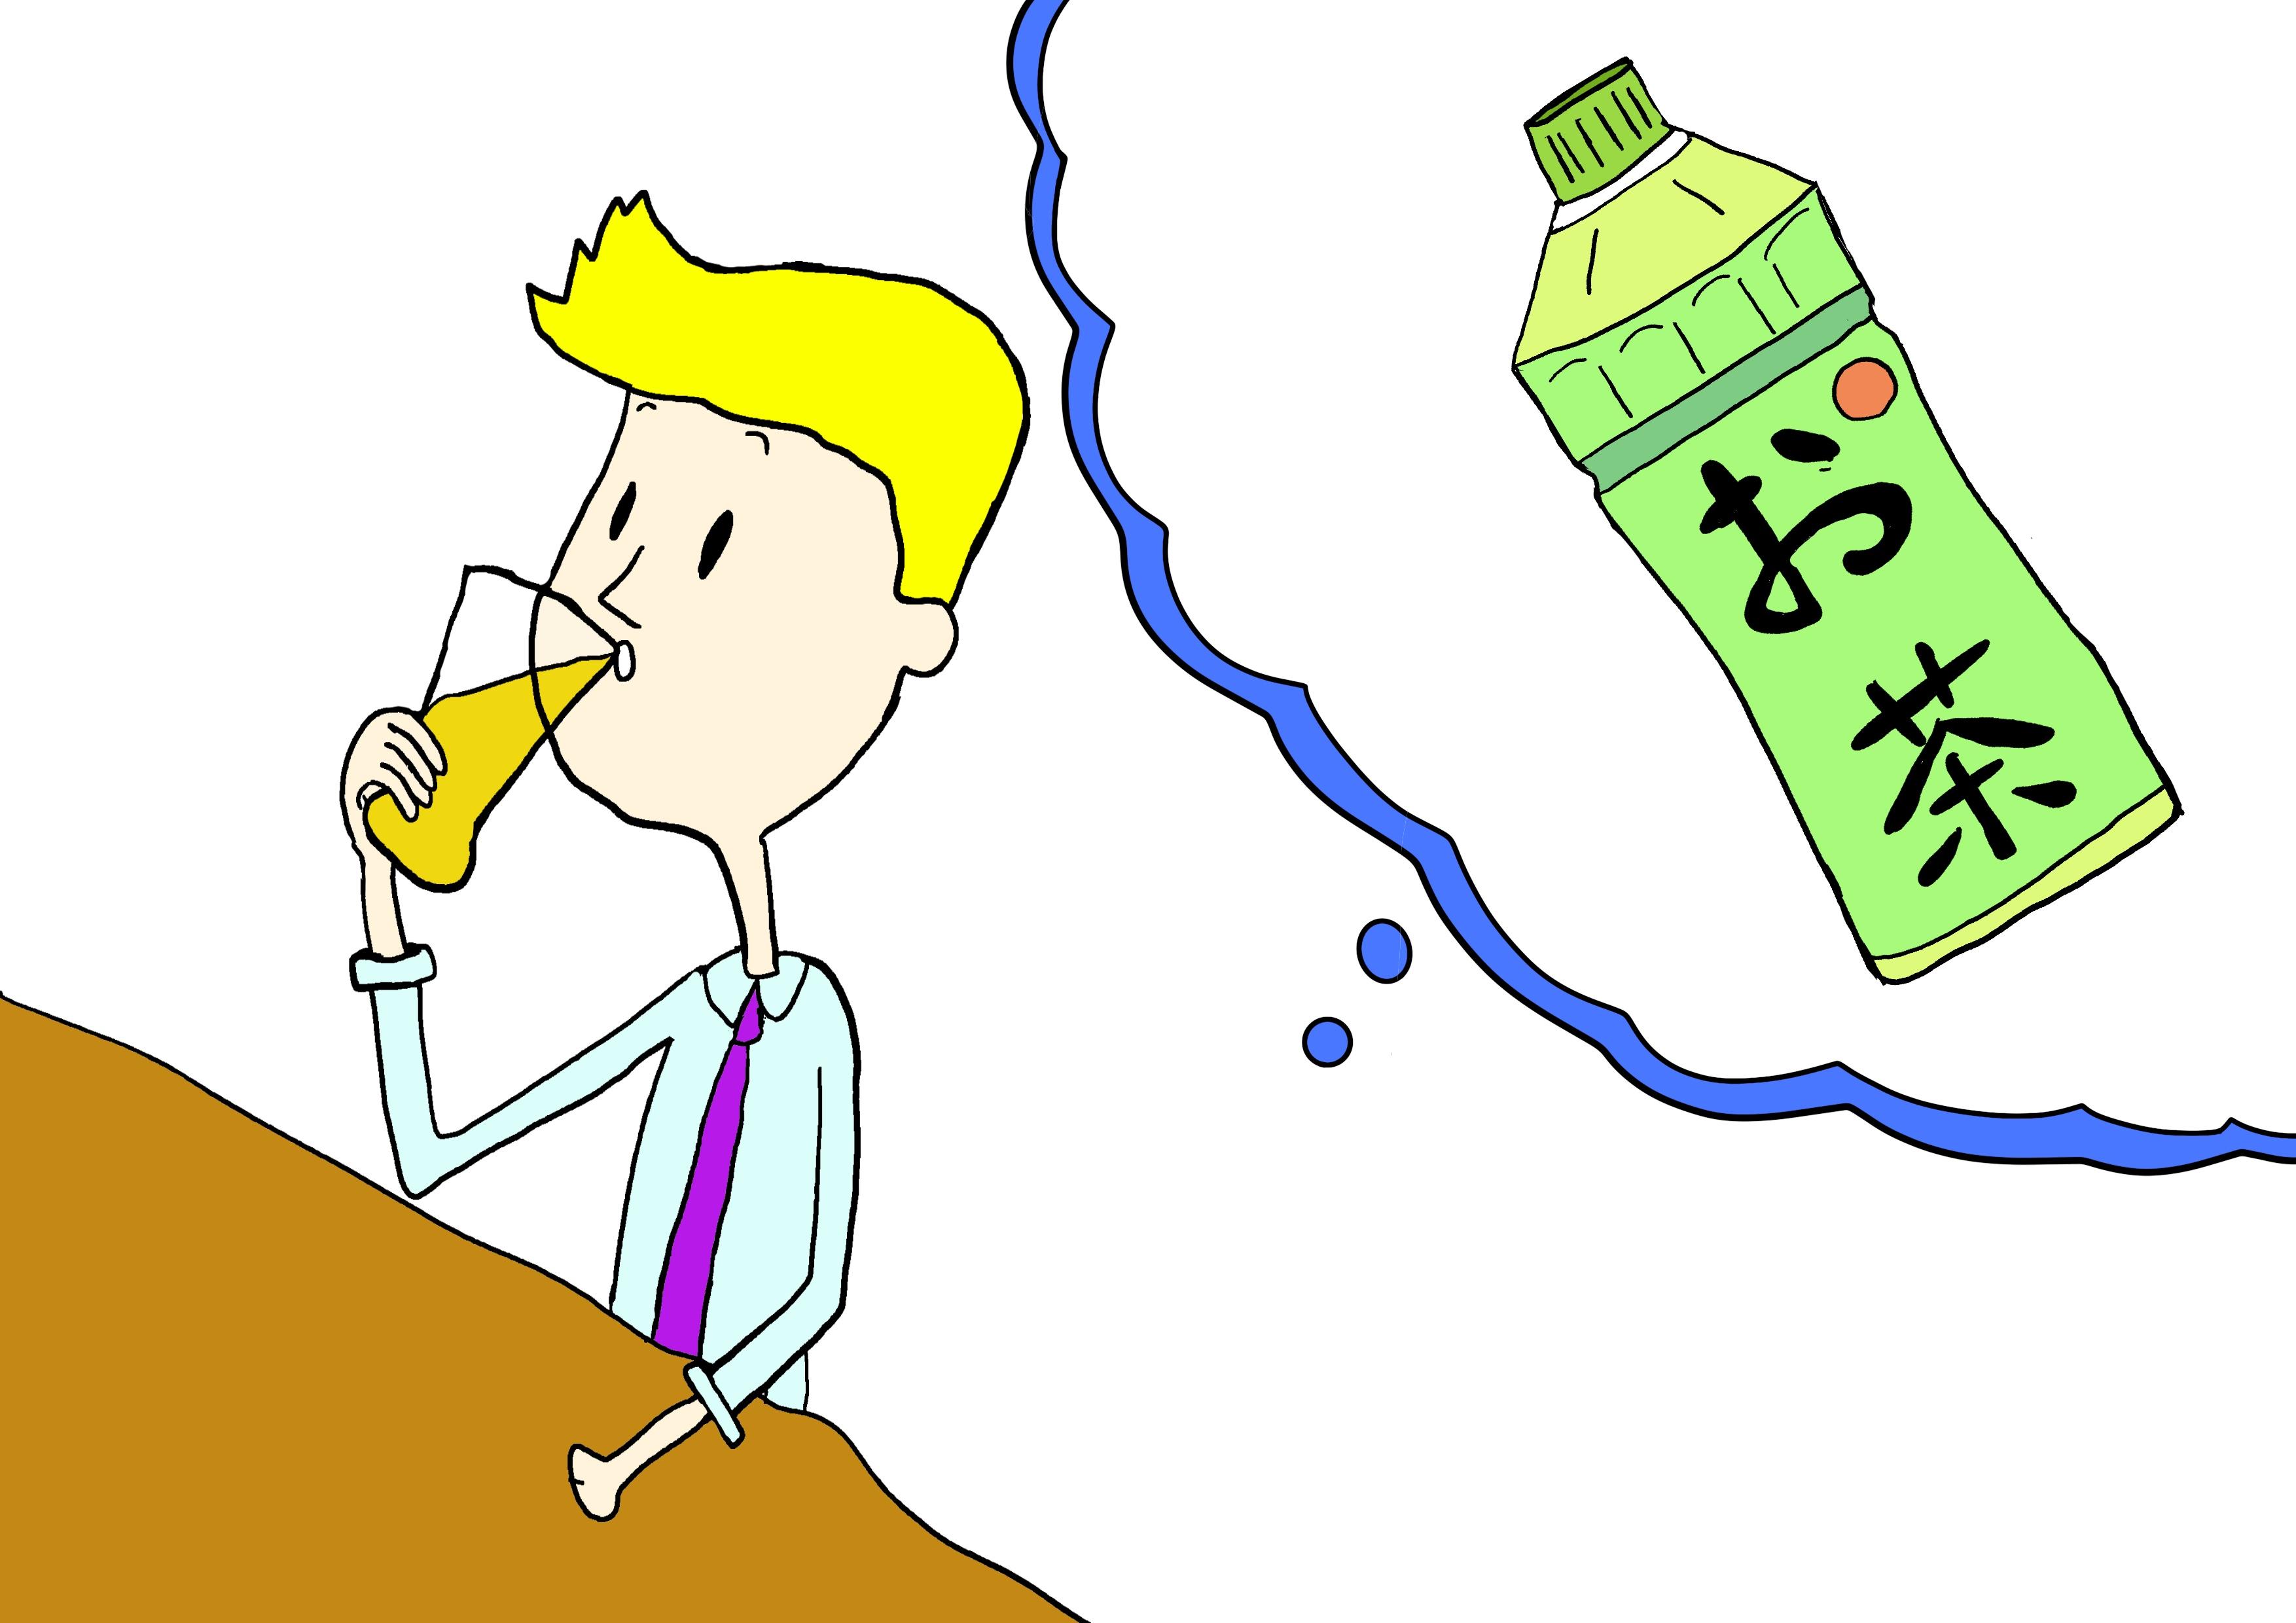 6課イラスト【お茶を飲む】